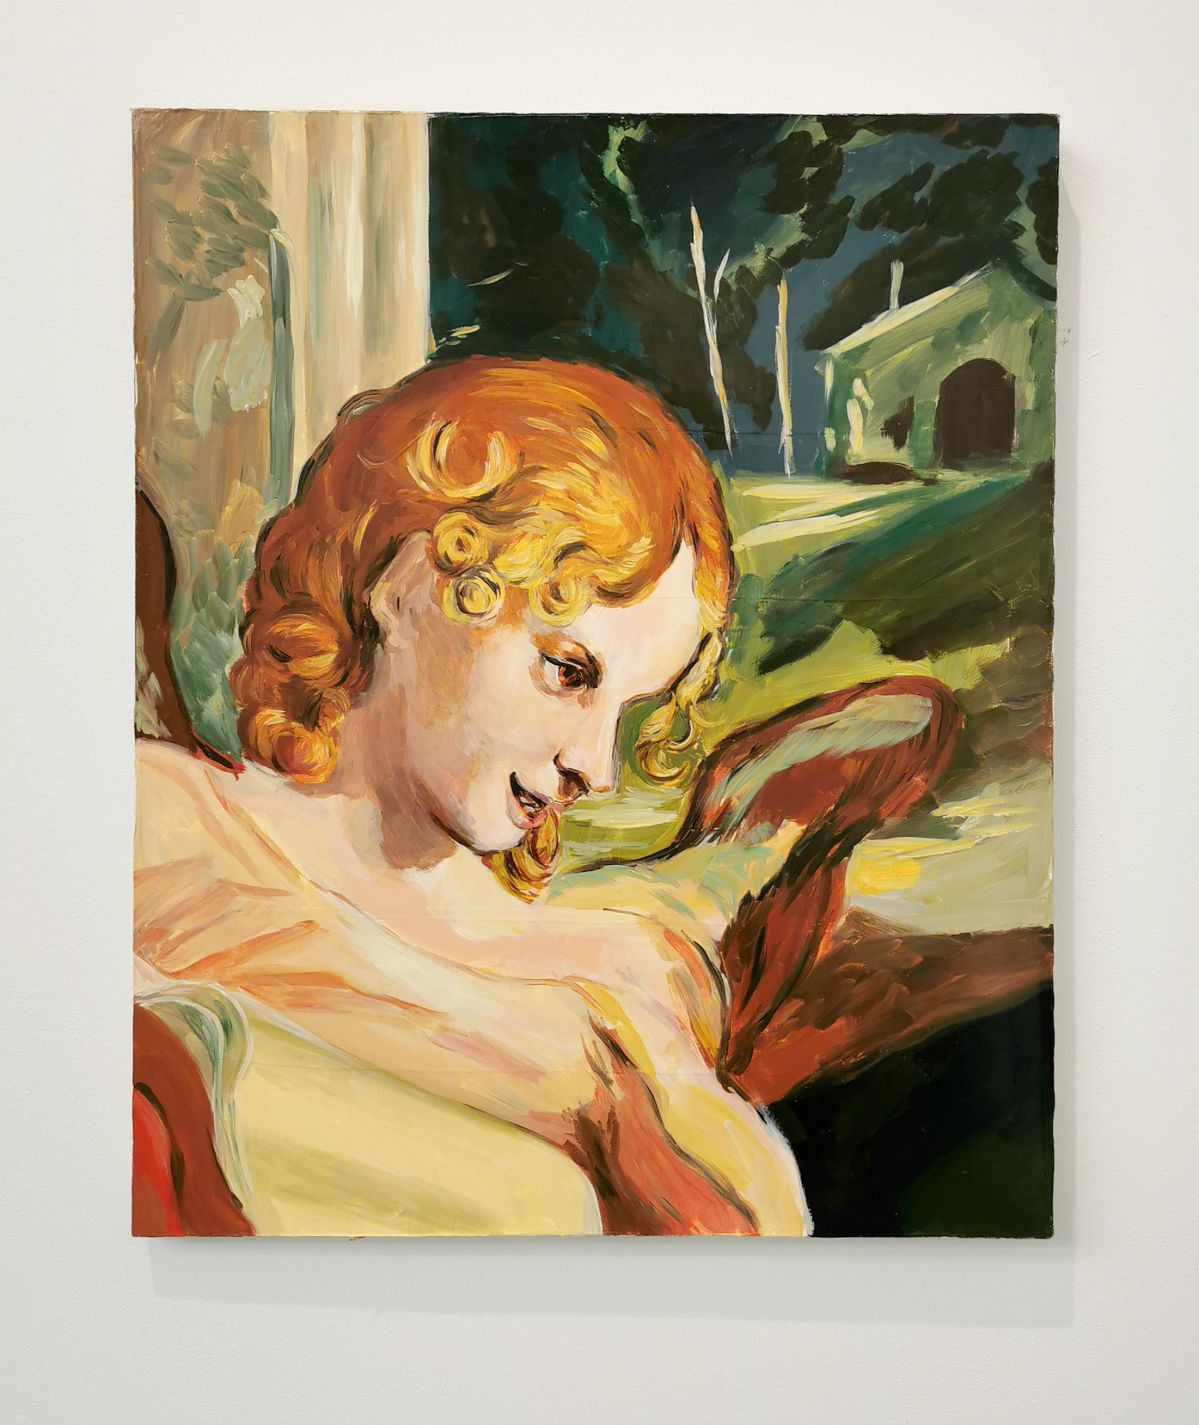 Karen Kilimnik - The Archangel Adrian, 2003 - 00s - Collection Cranford - les années 2000 au MOCO Montpellier